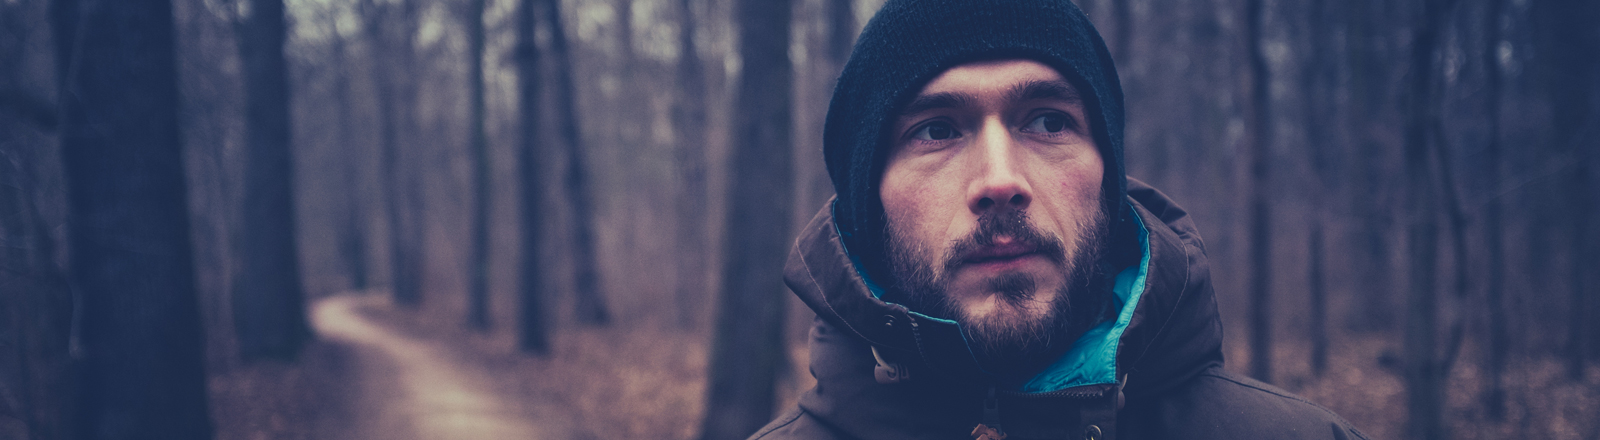 Ein Mann allein im Wald